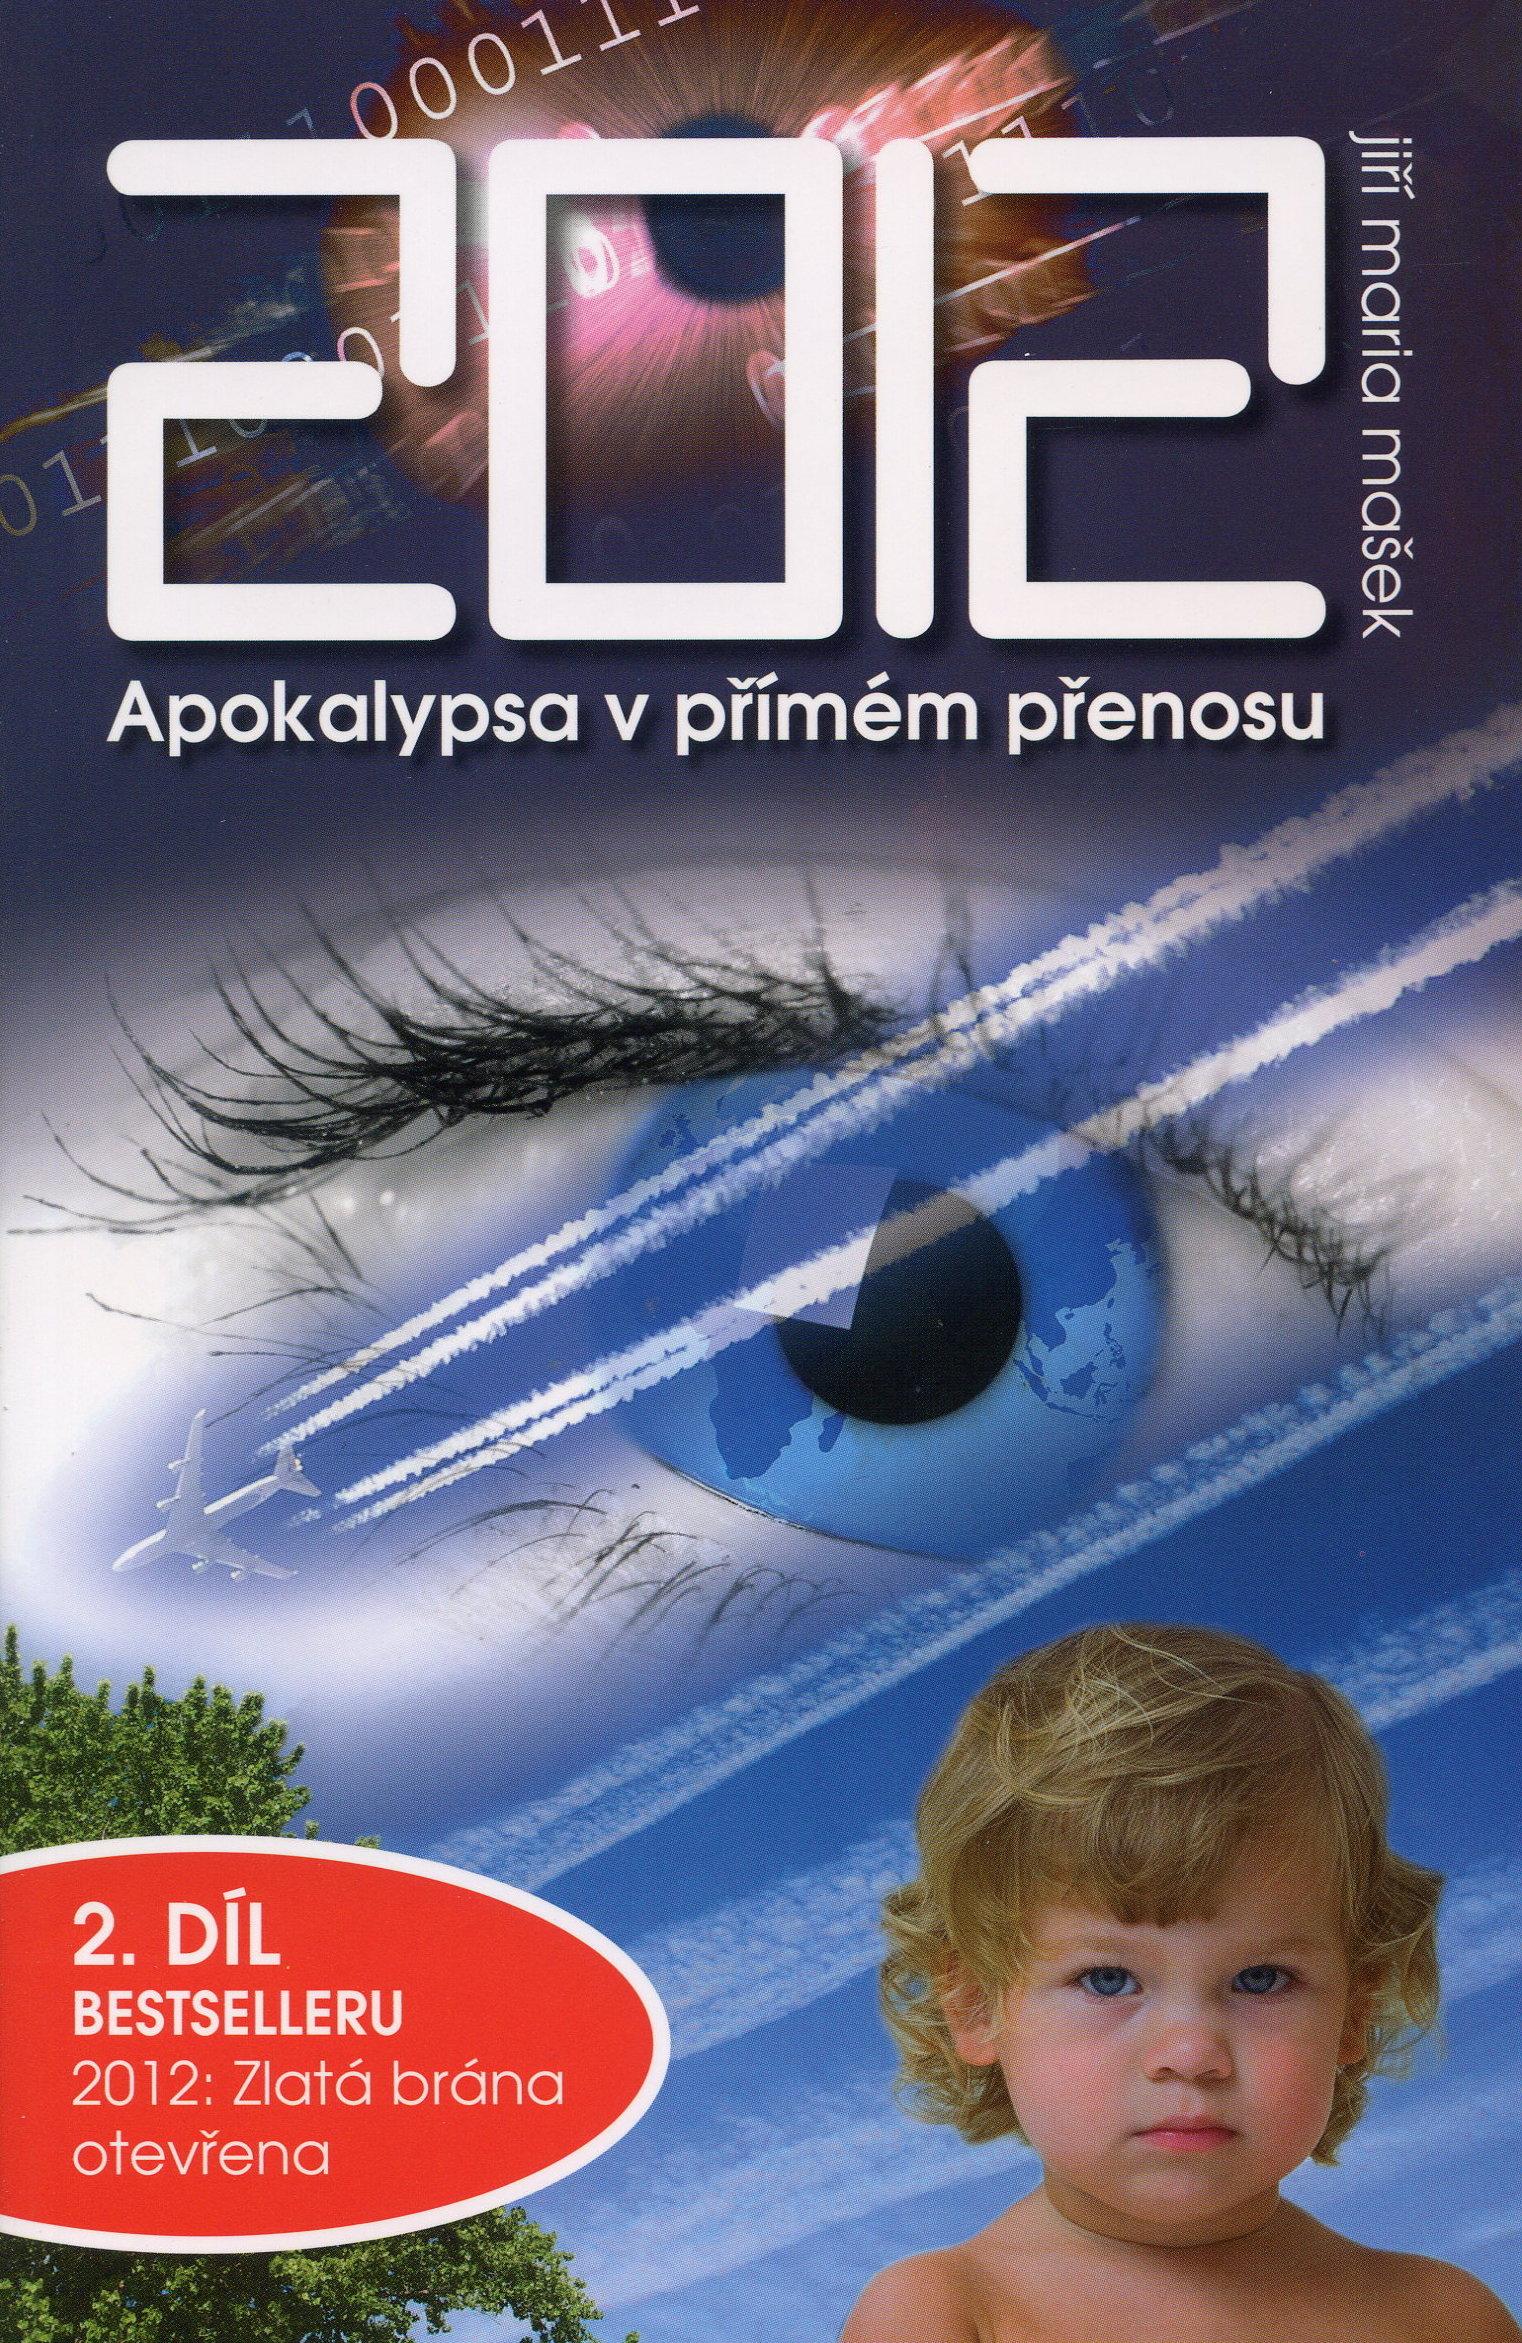 2012 - Apokalypsa v přímém přenosu - 2. díl edice Rok 2012